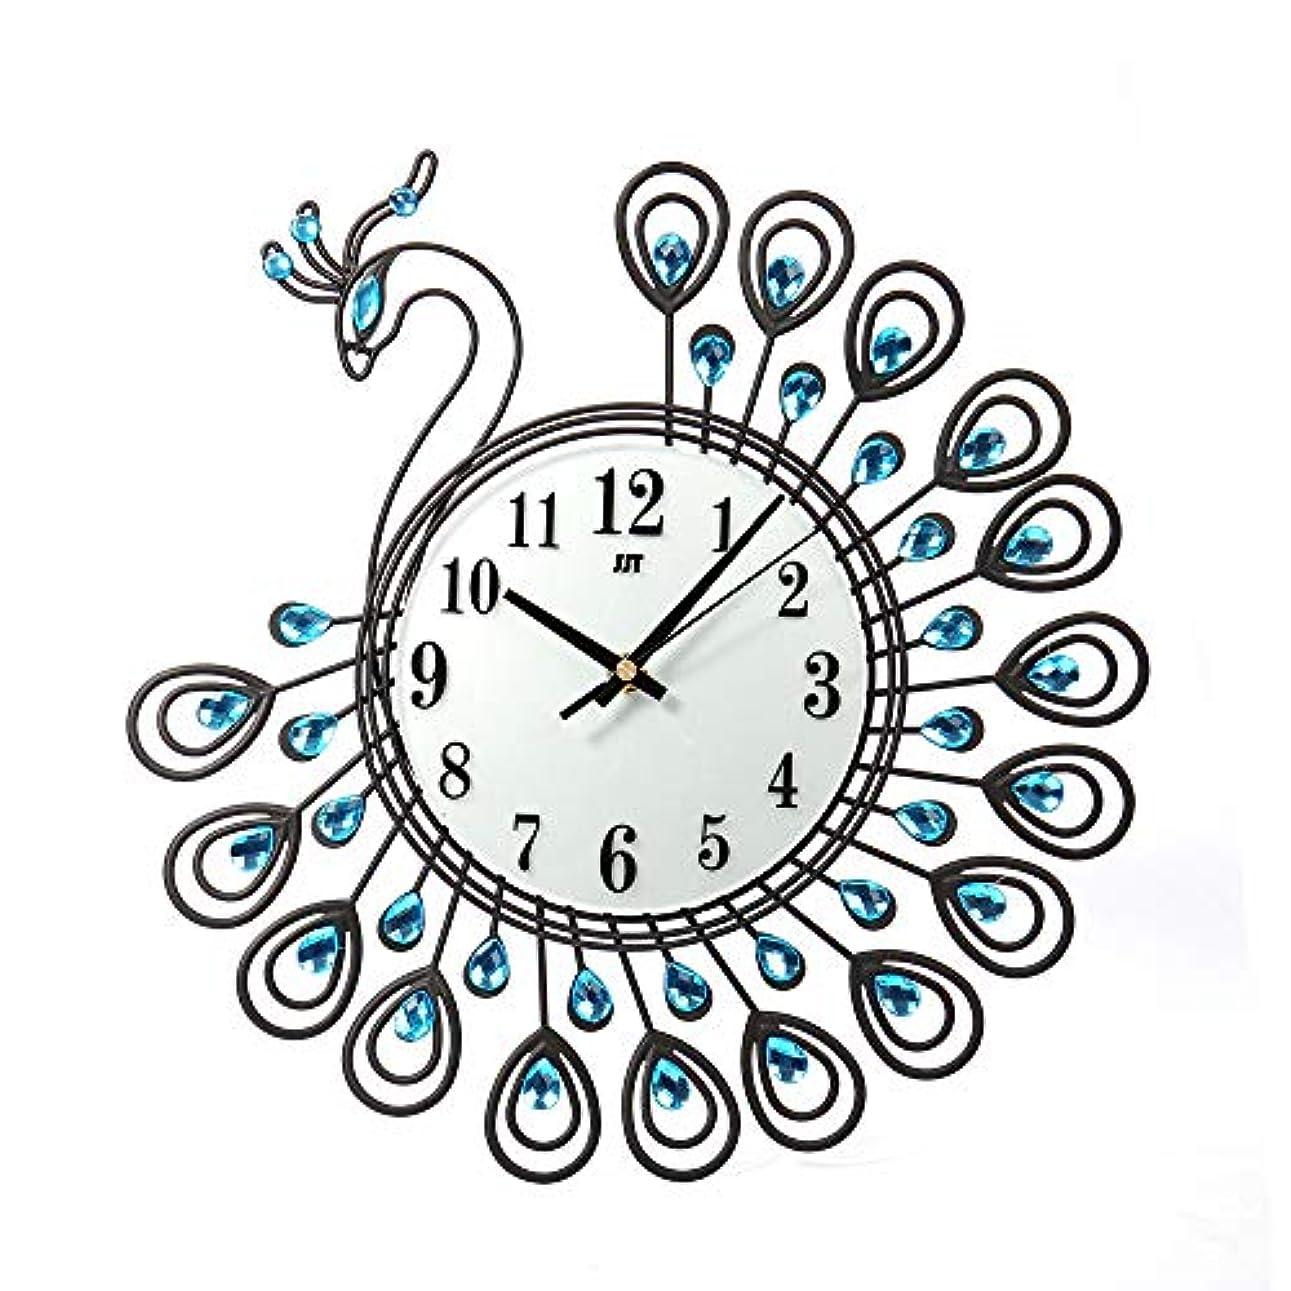 ラップダース科学者ルームオフィスのための壁時計の金属のラインストーンの家の装飾の孔雀の時計 (ブラック)